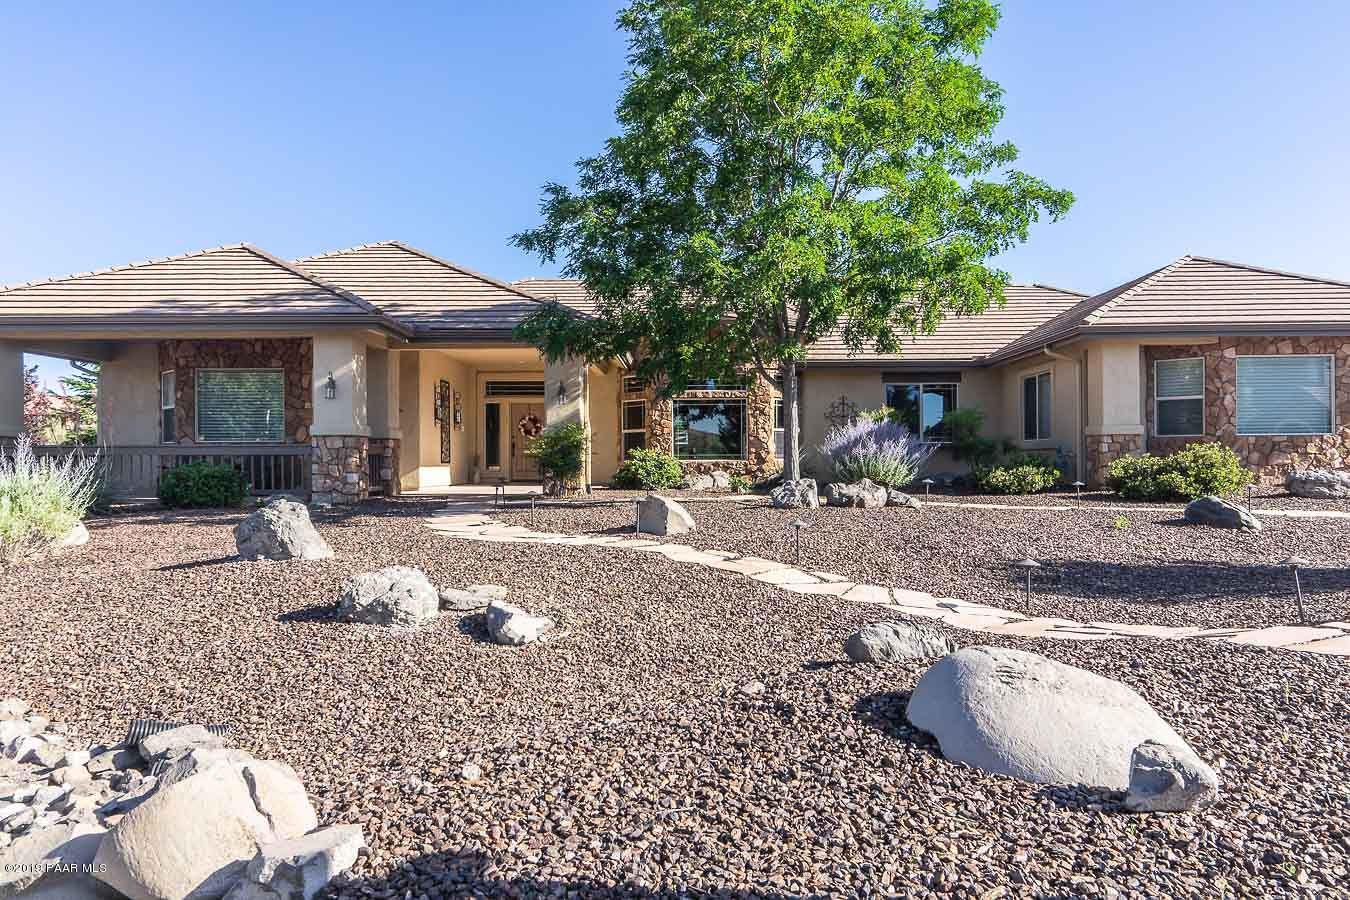 Photo of 1199 Northridge, Prescott, AZ 86301